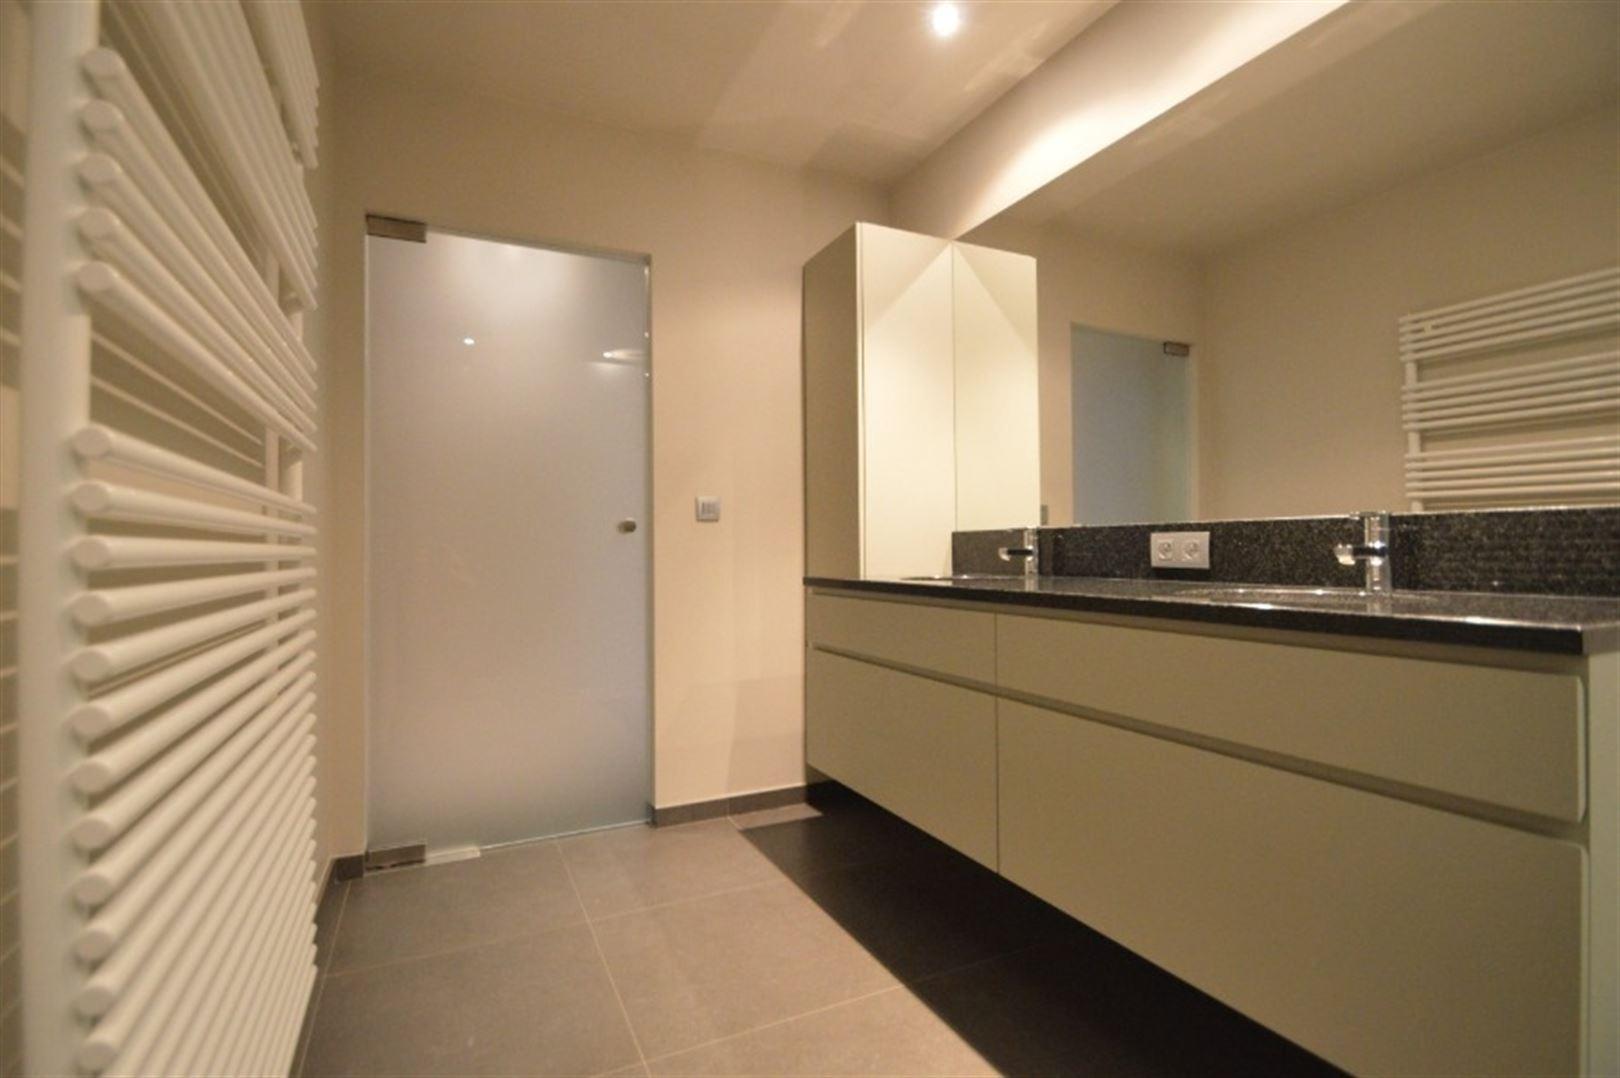 Foto 14 : Appartement te 9240 Zele (België) - Prijs € 725